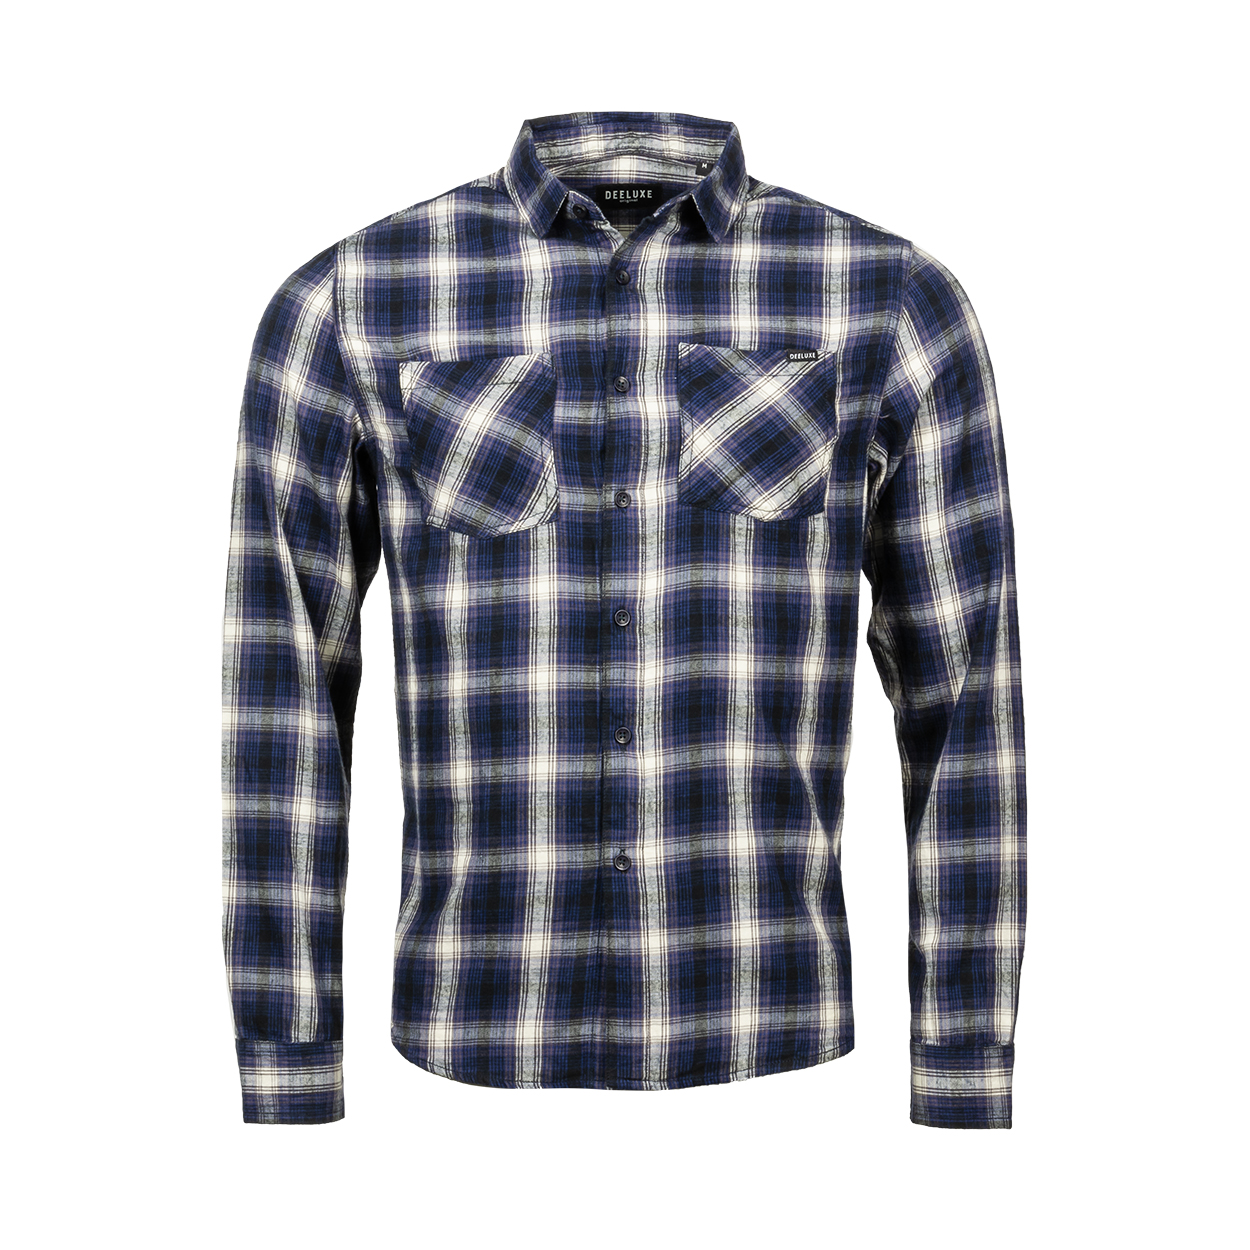 Chemise coupe ajustée deeluxe topola en coton à carreaux bleu marine, violets, noirs et blancs